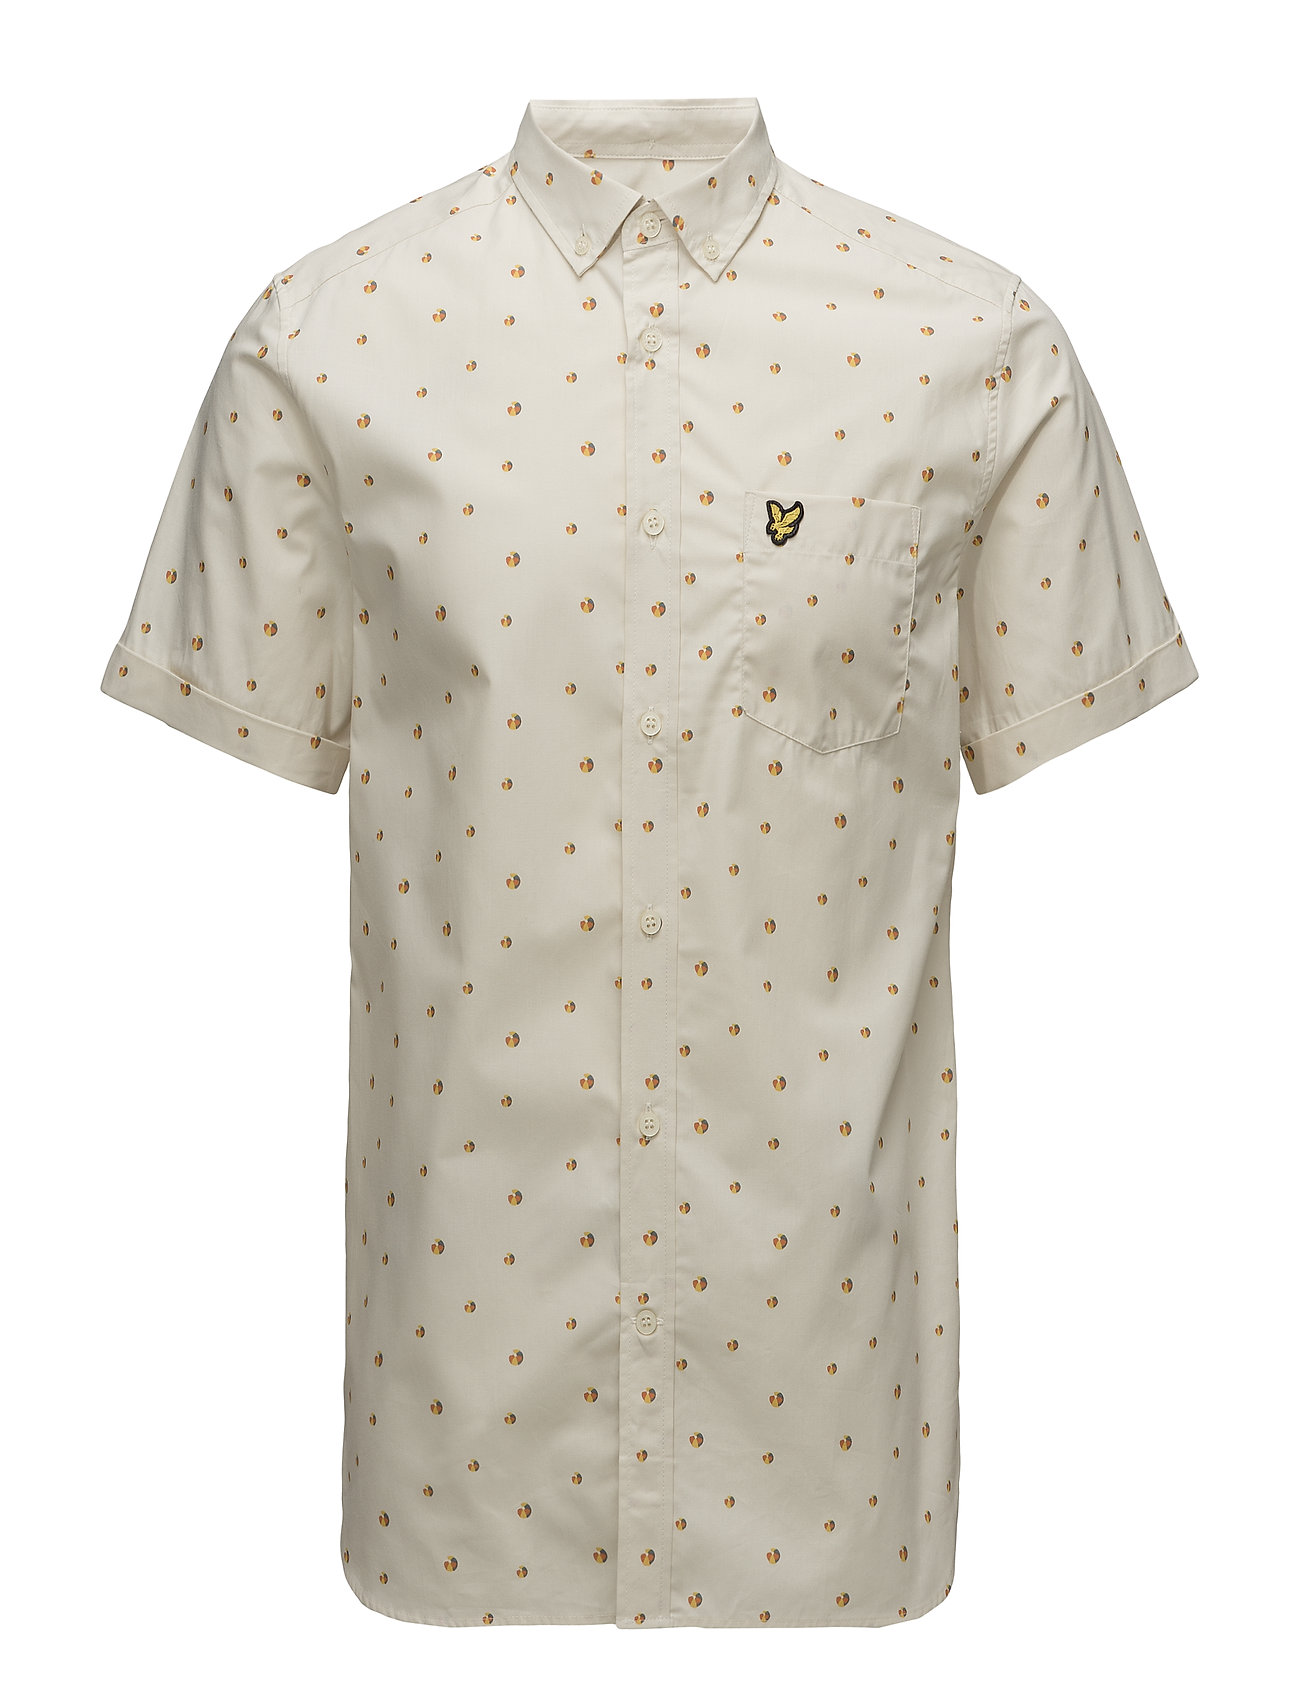 Lyle & Scott Beach Ball Print Shirt